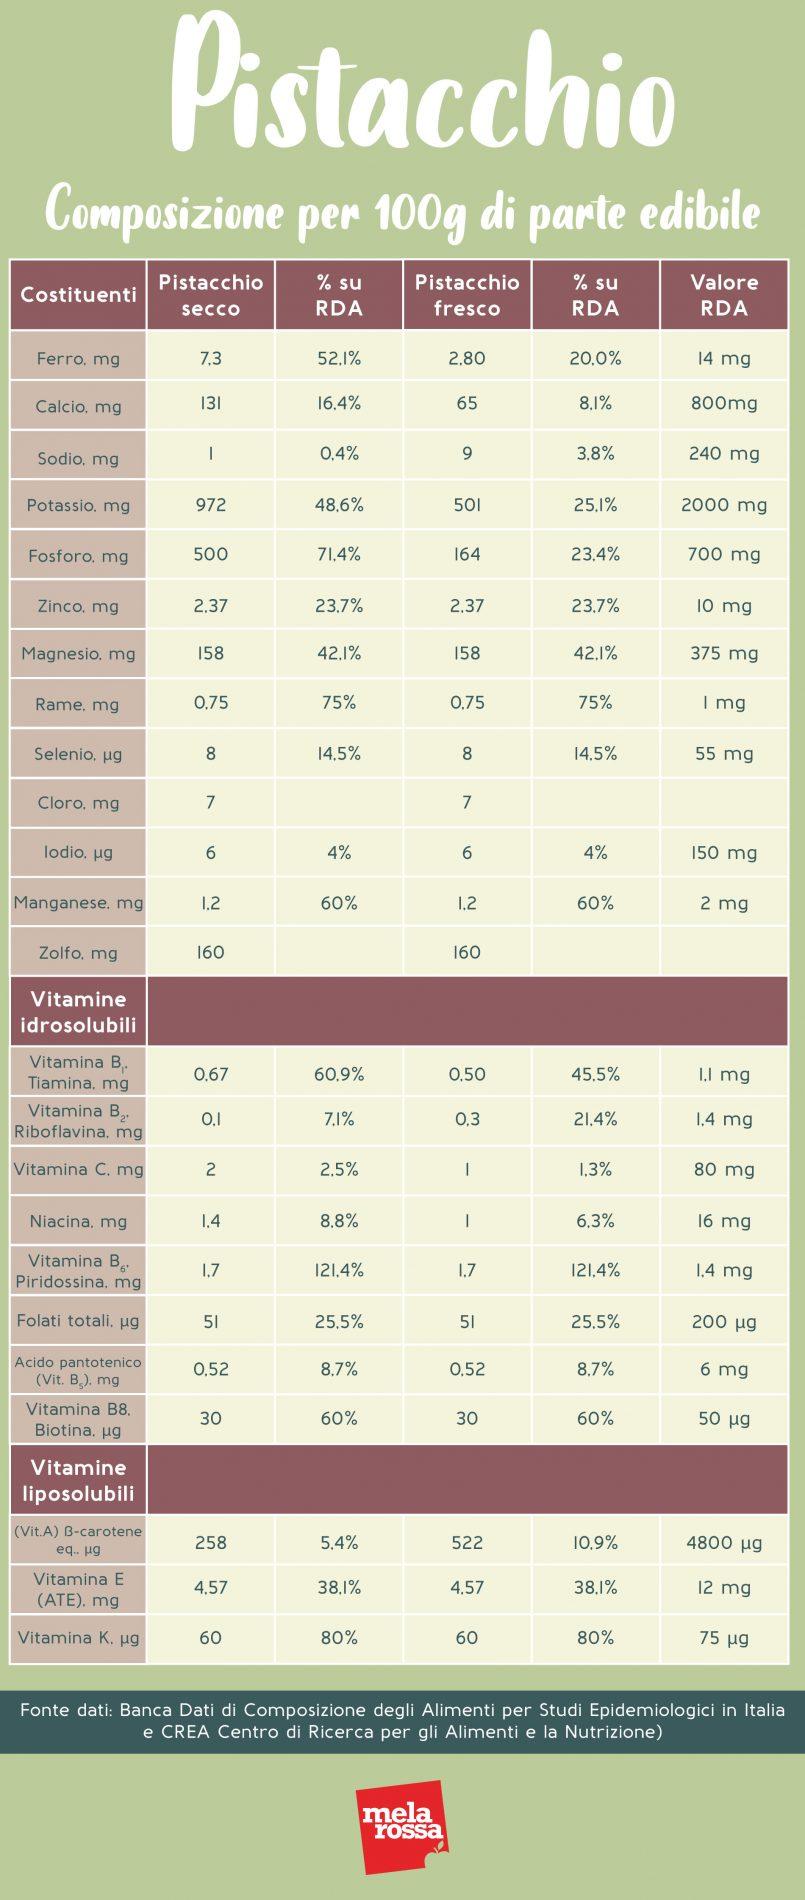 pistacchio: valori nutrizionali